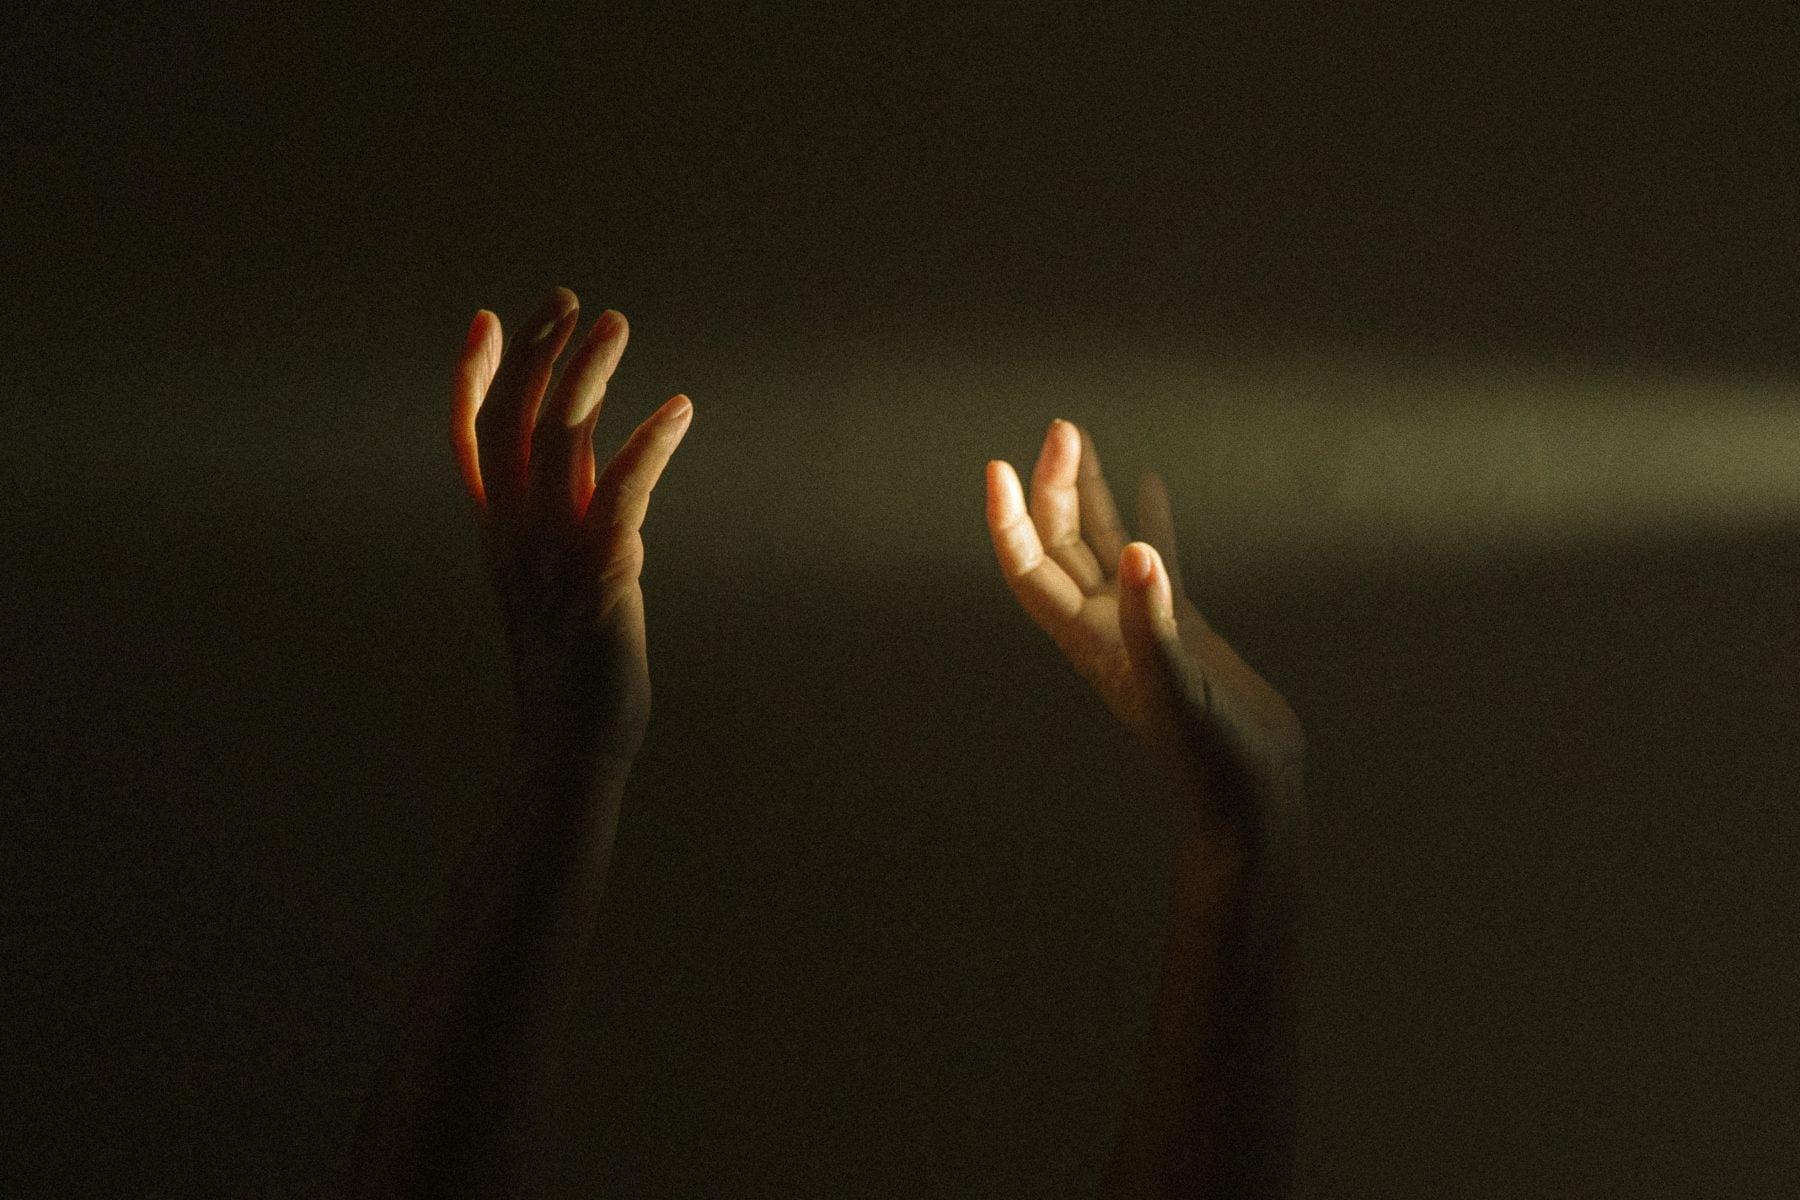 Bild von zwei erhobenen Händen im Sonnenlicht.